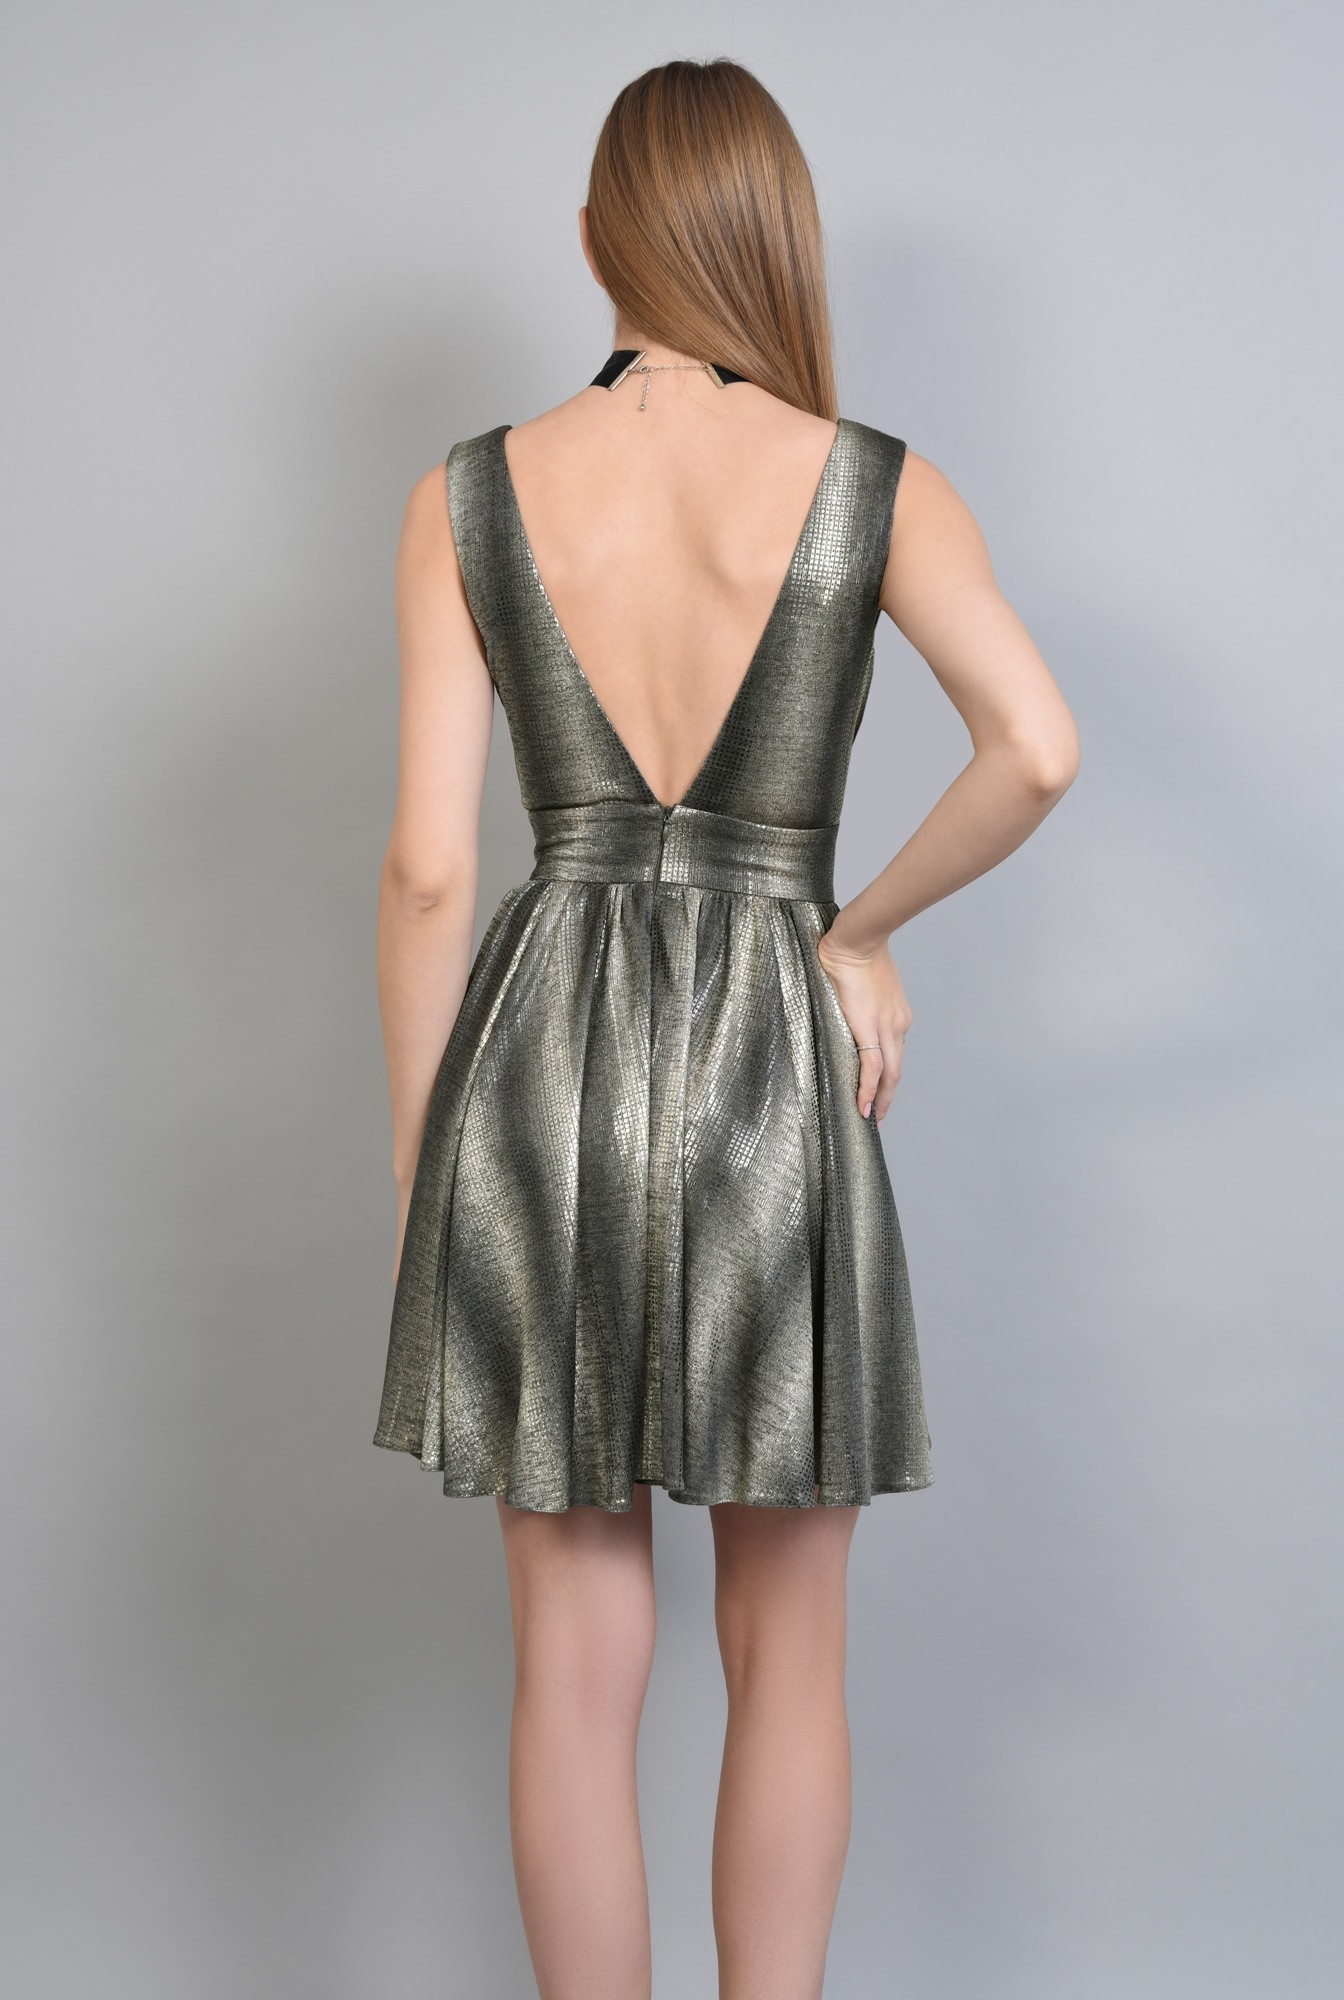 1 - Rochie eleganta scurta, auriu